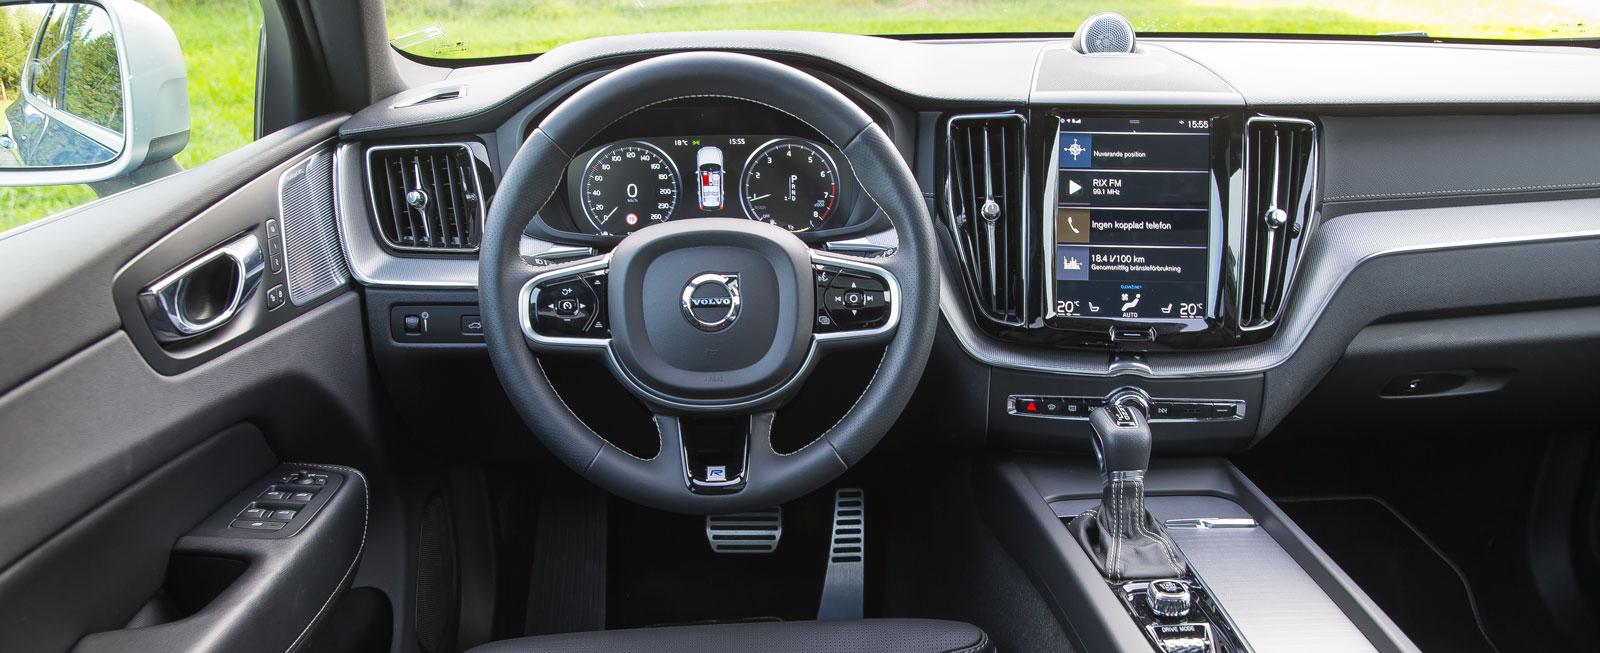 XC60 erbjuder Volvos nuvarande strama tema med variation. Få konventionella reglage, desto fler samlade i skärmen mitt i. Utmärkta konsolfack.